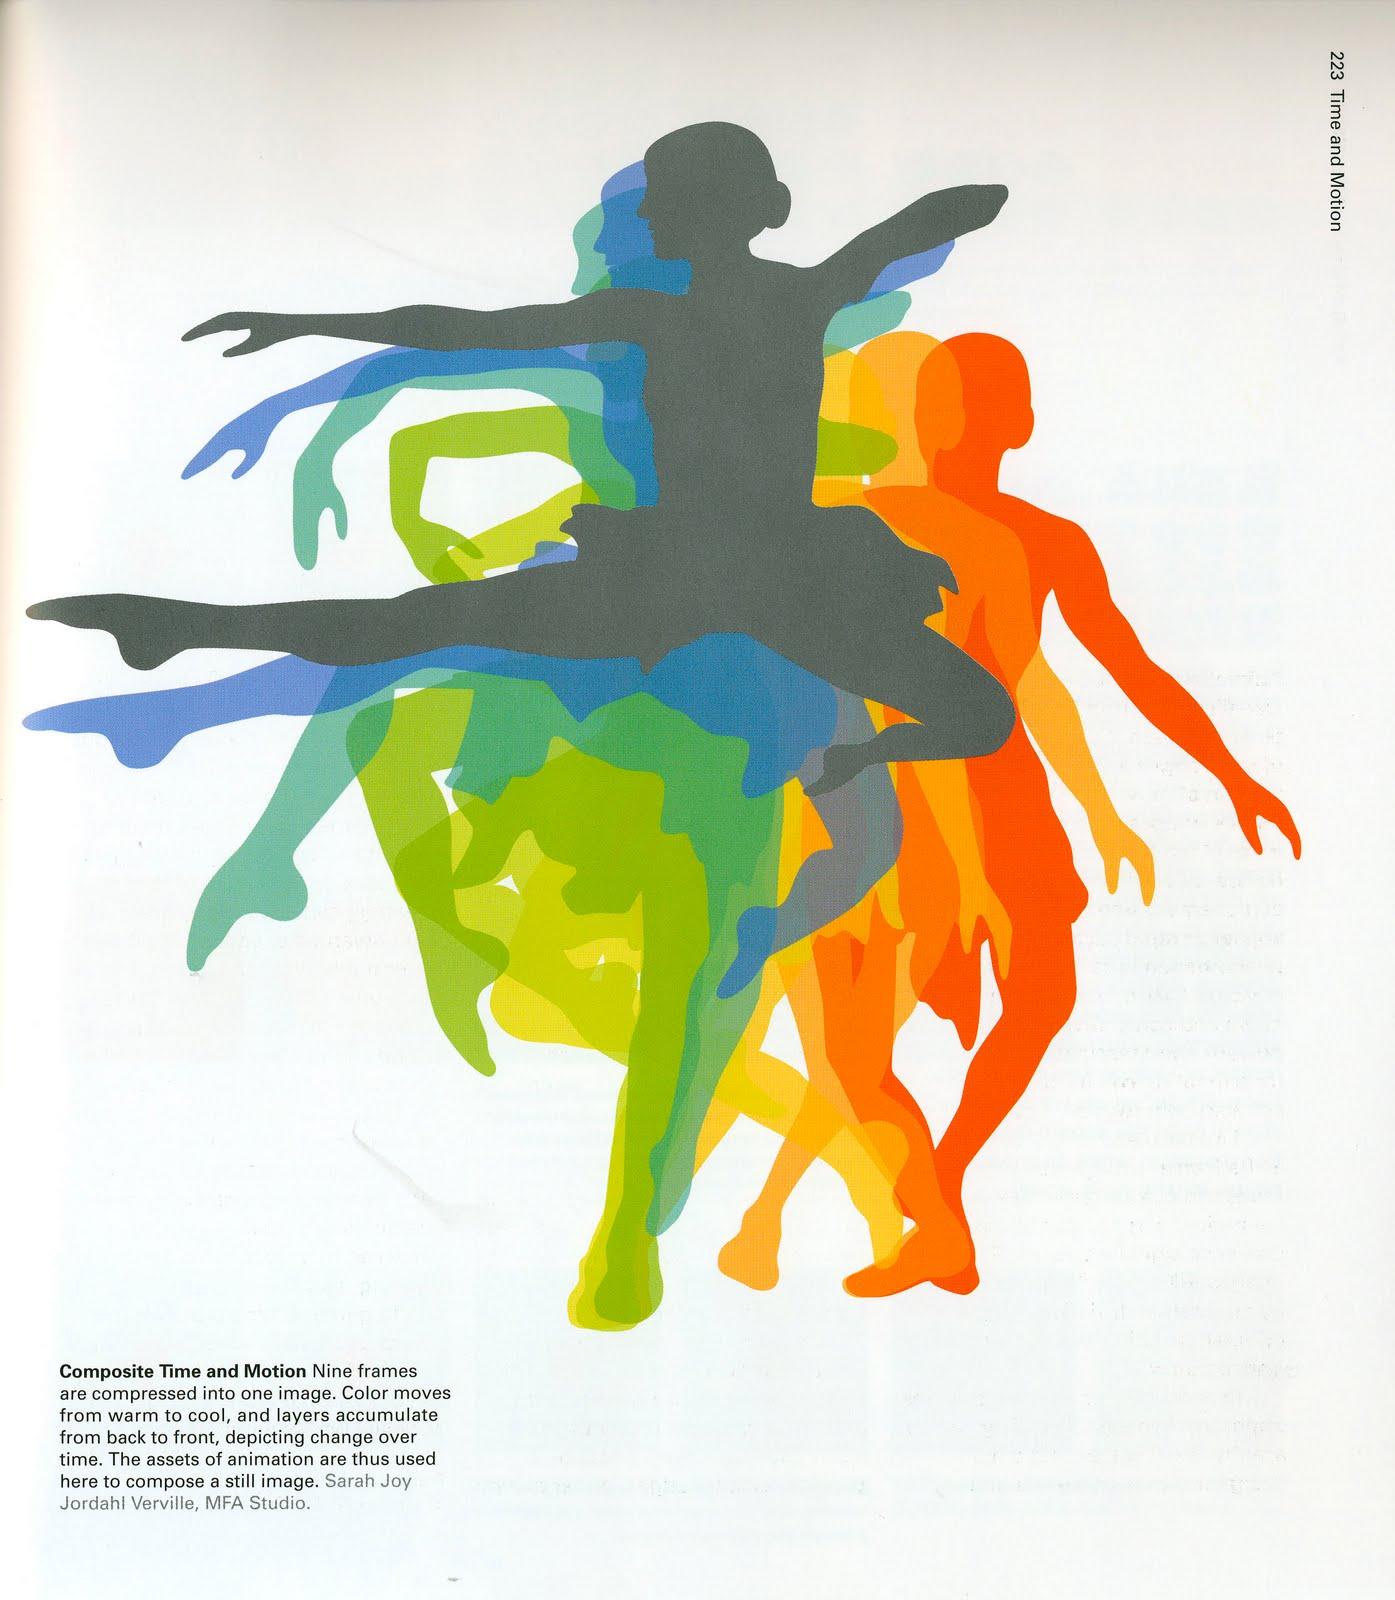 Chelsea Stubbs: Graphic Design